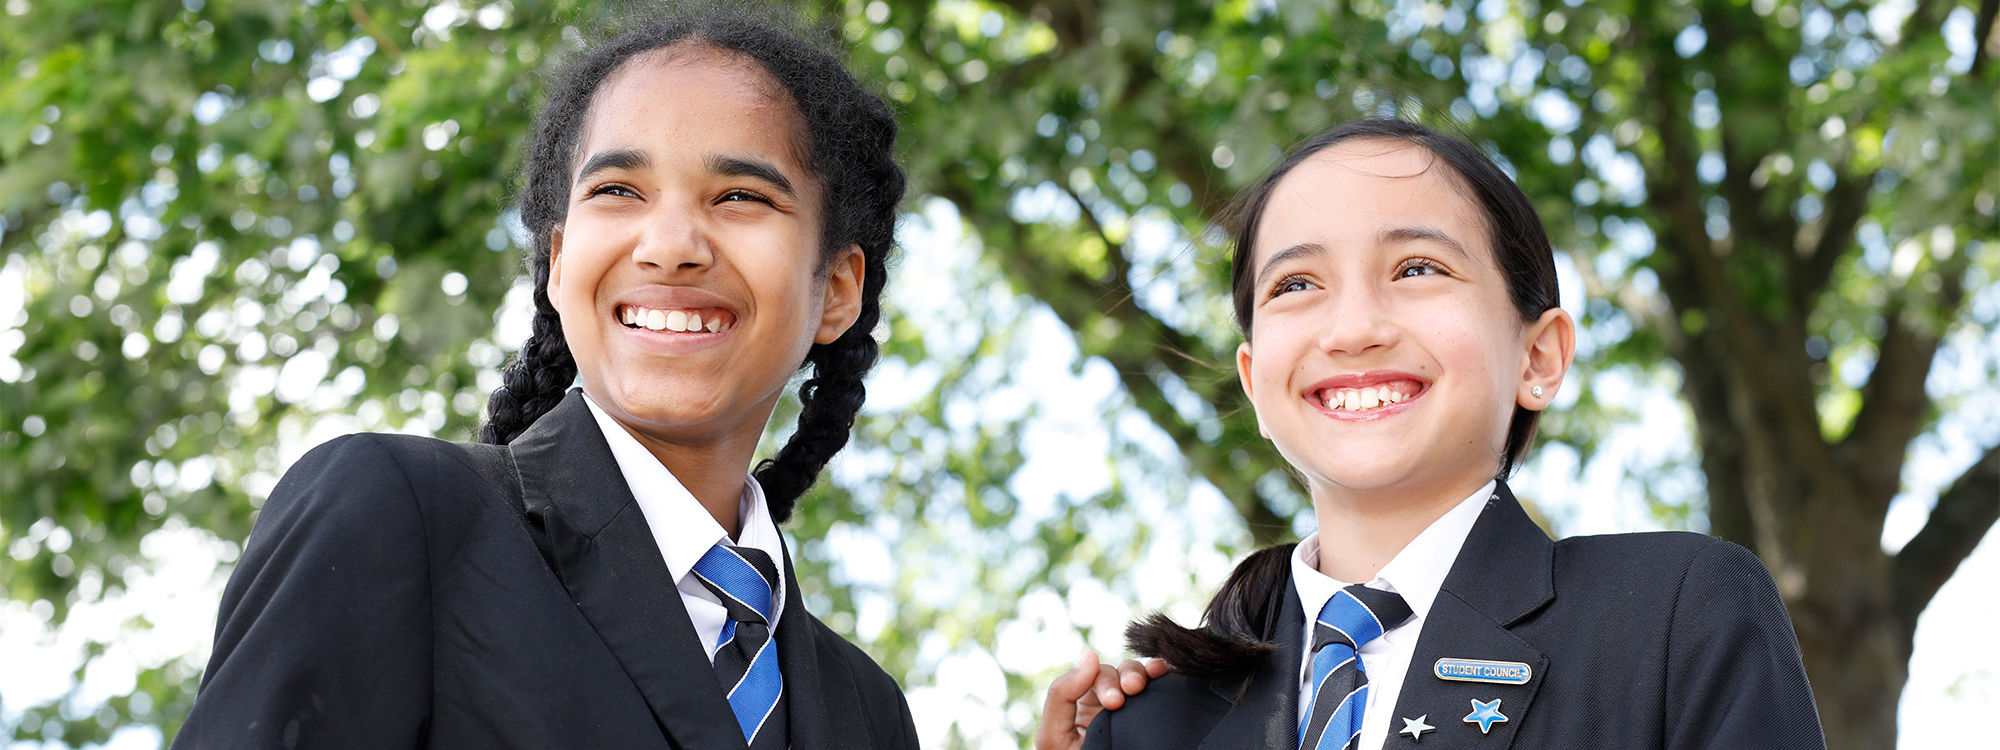 Northolt high school header image 2